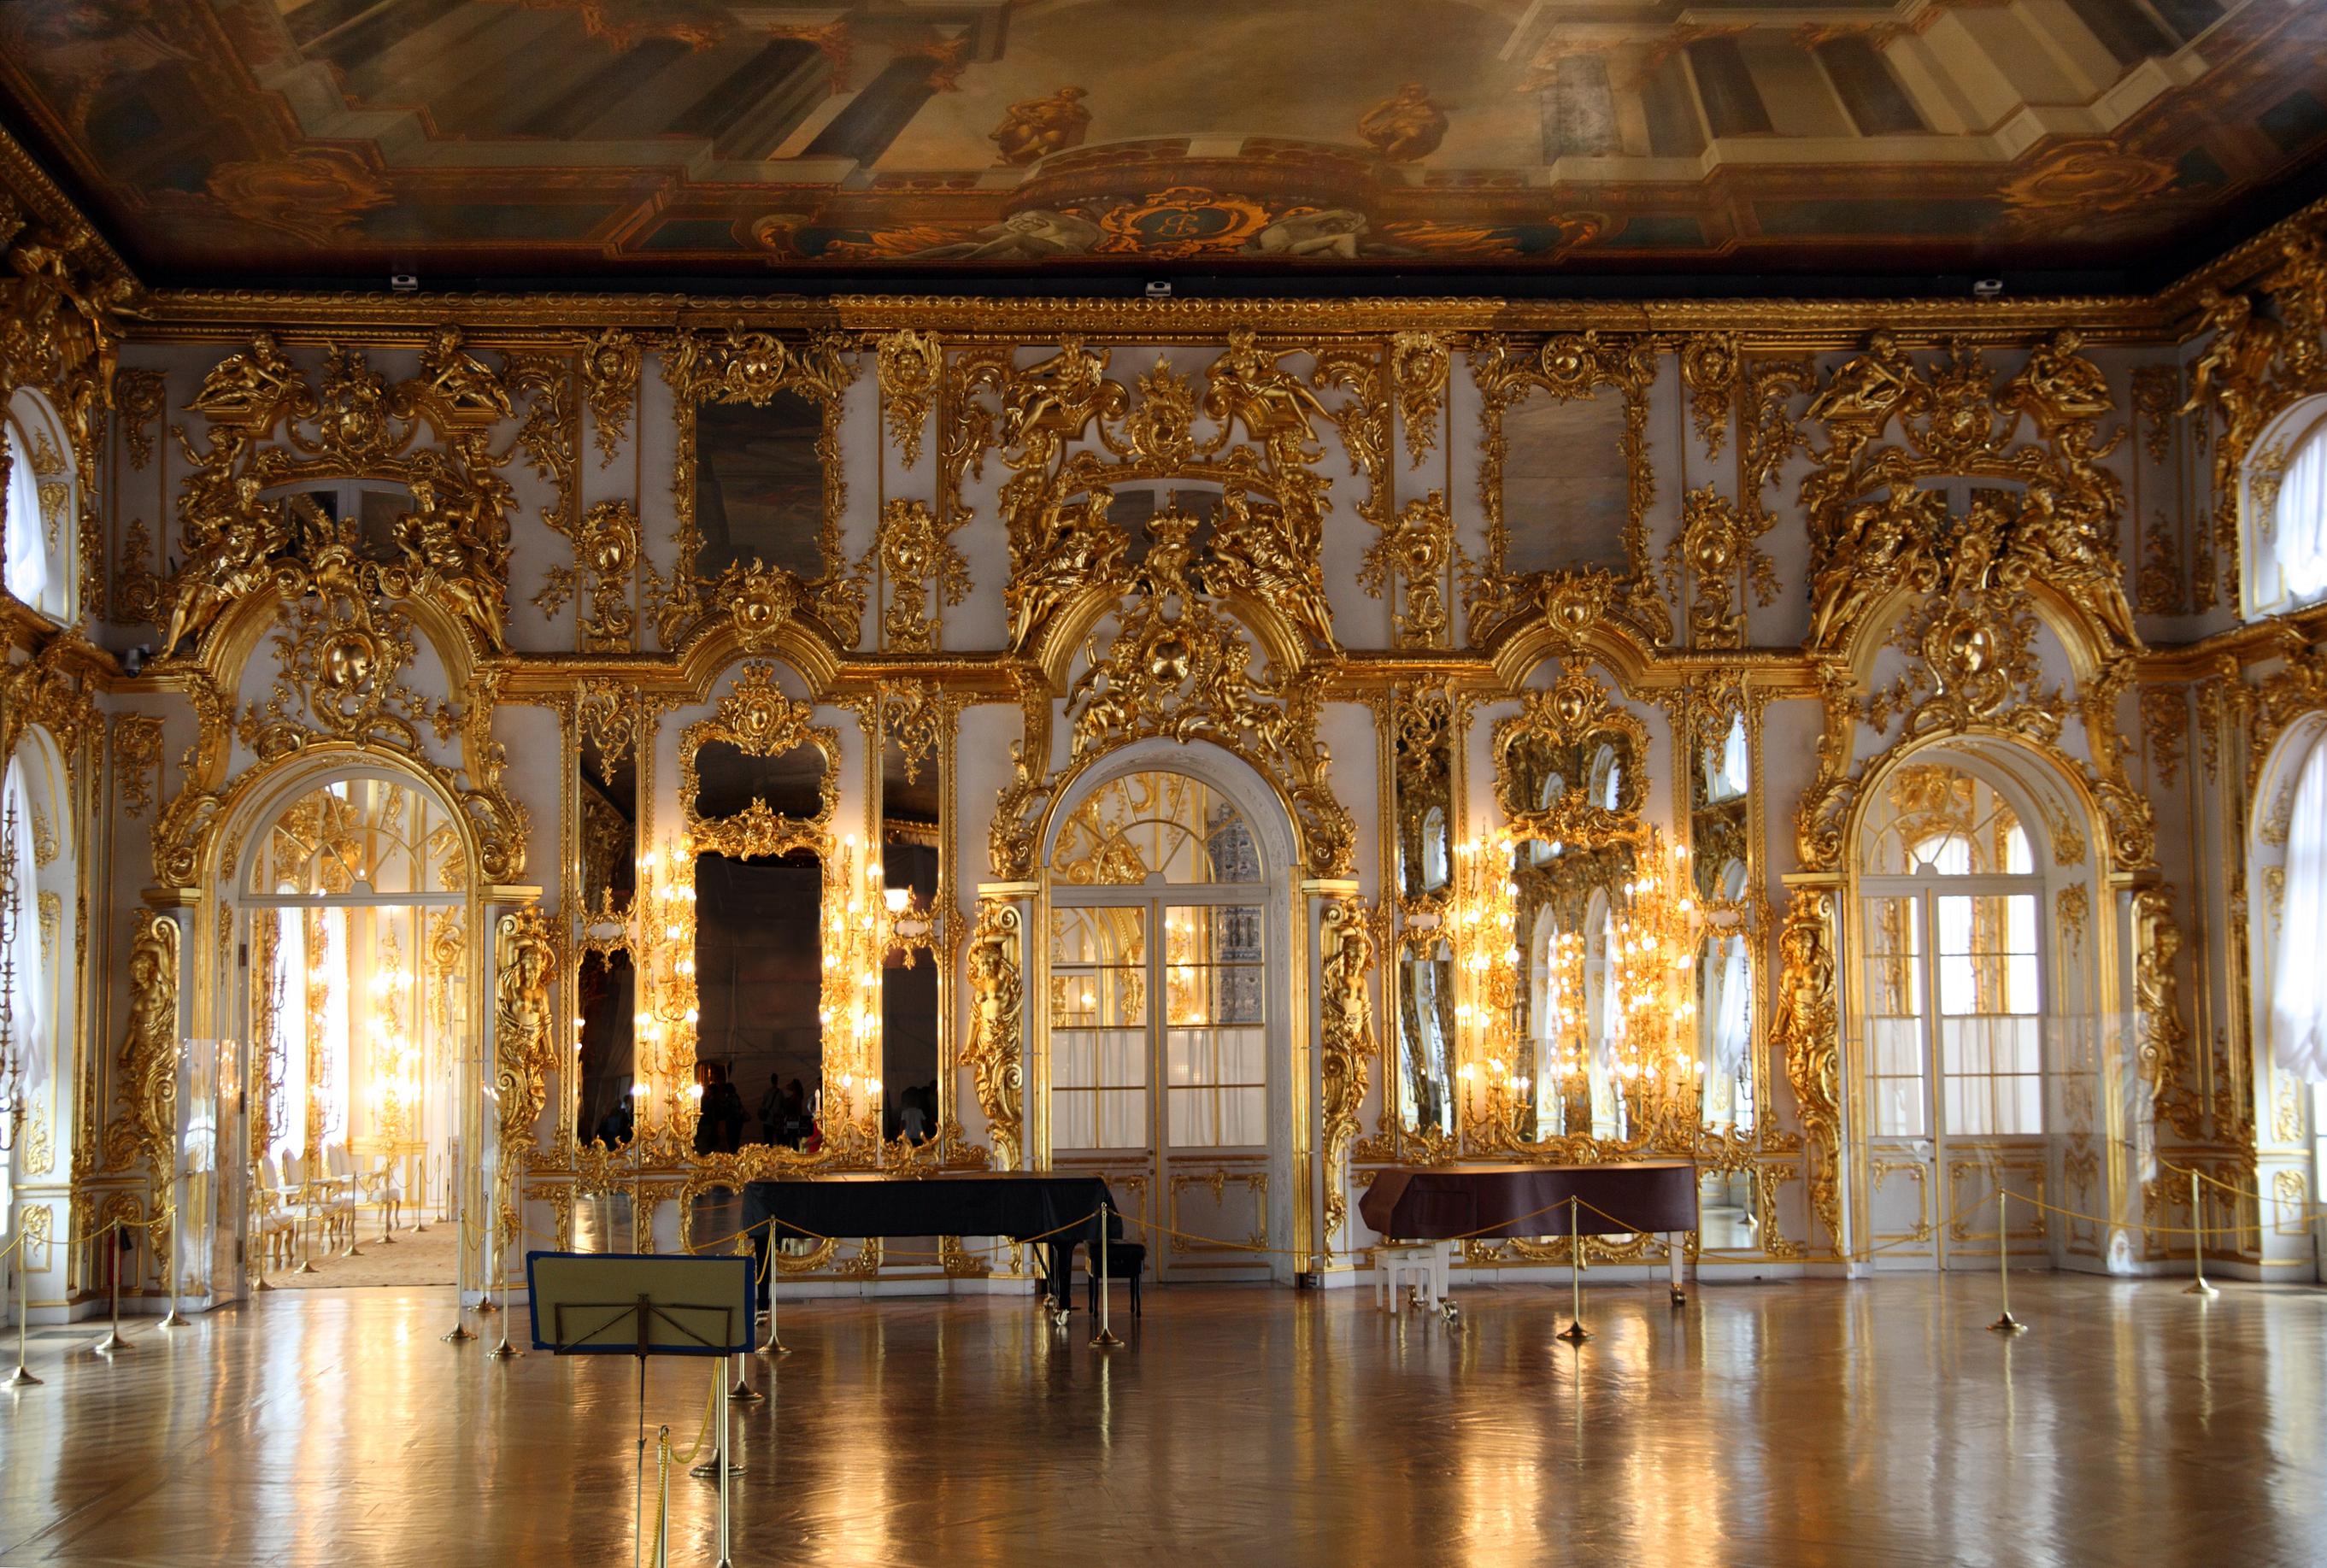 Dreamstime © - Saint-Pétersbourg - Tsarskoe Selo - Salle de balle.jpg